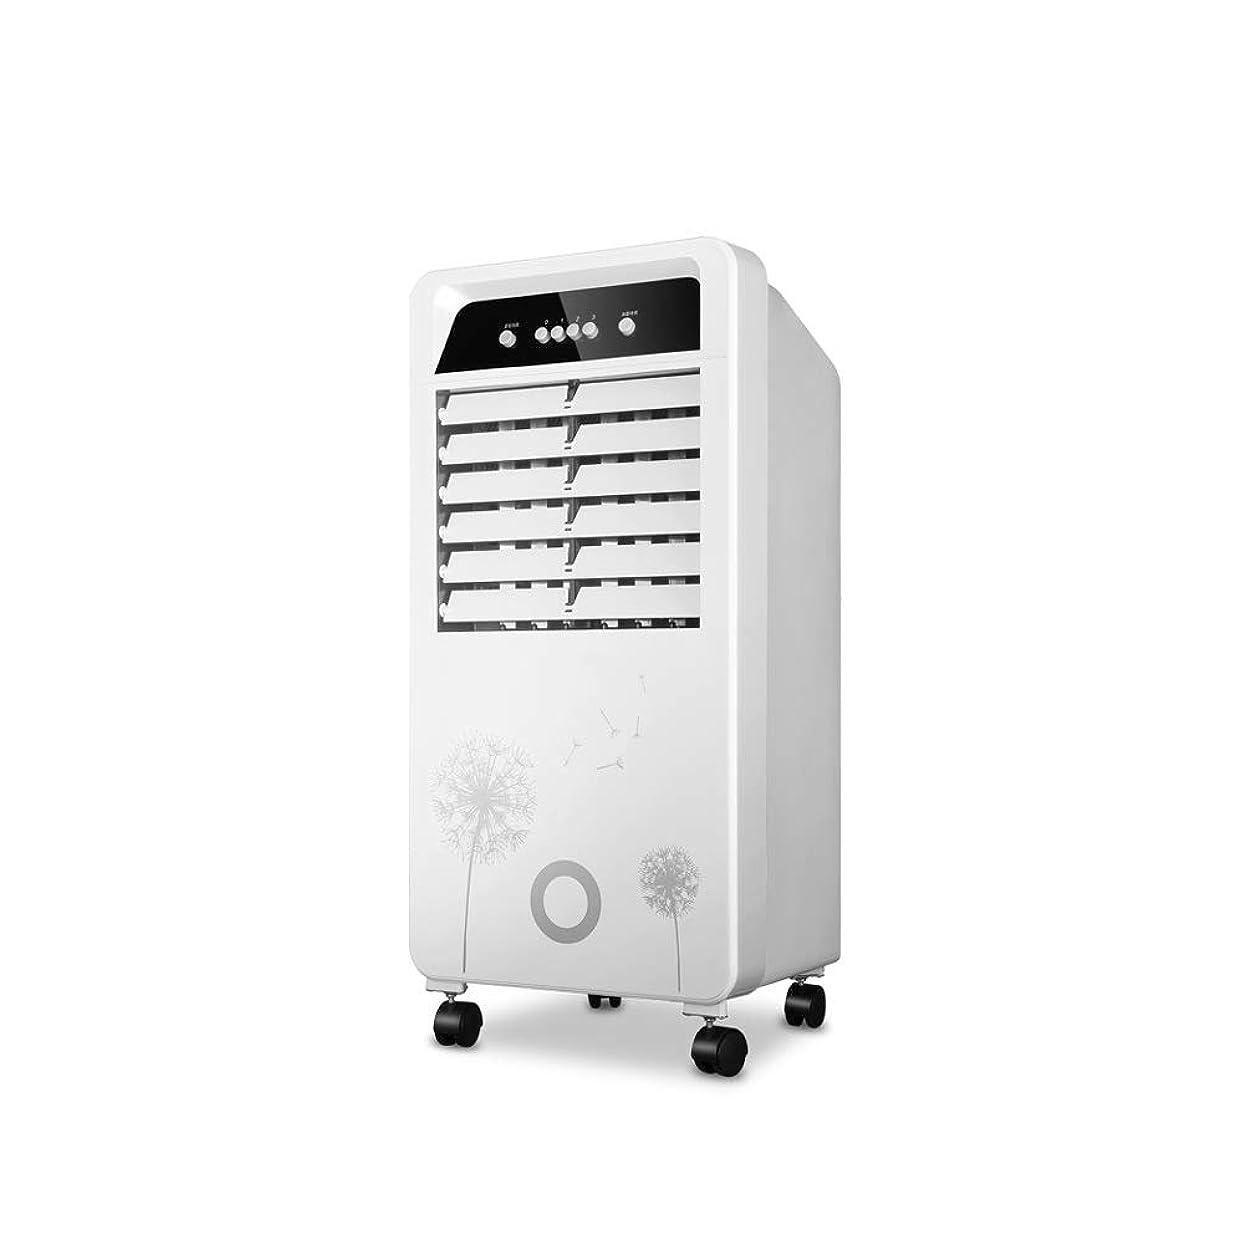 ダブル根絶するアミューズメントBarture ポータブル蒸発エアコンタワーコールドエアクーラーファンモバイルエアコン冷凍加湿10L精製防塵